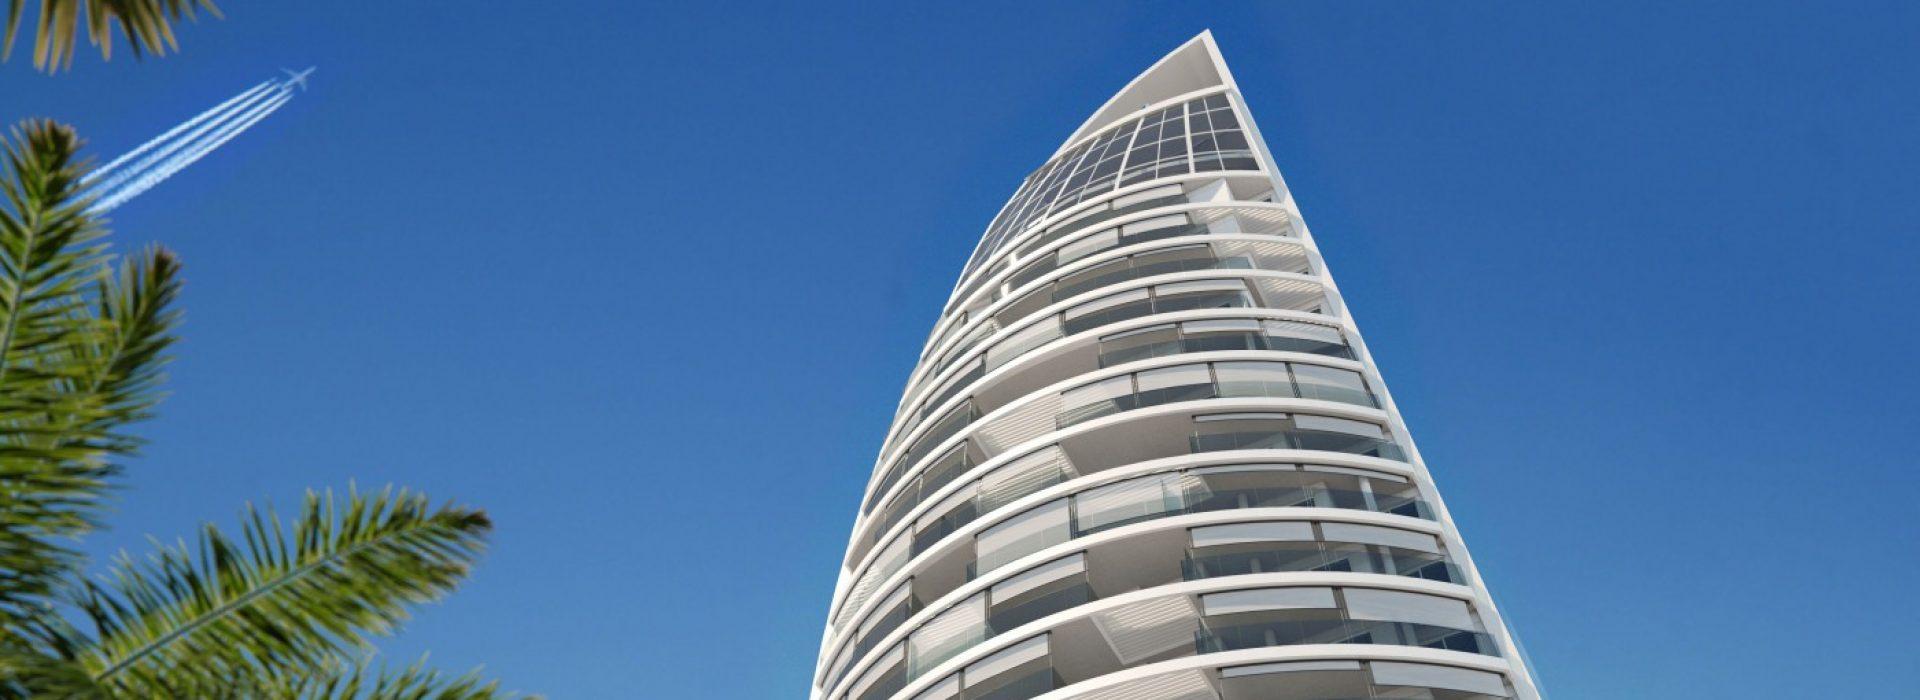 luksusowe-apartamenty-w-pierwszej-lini-brzegowej-w-benidormie-4-16110